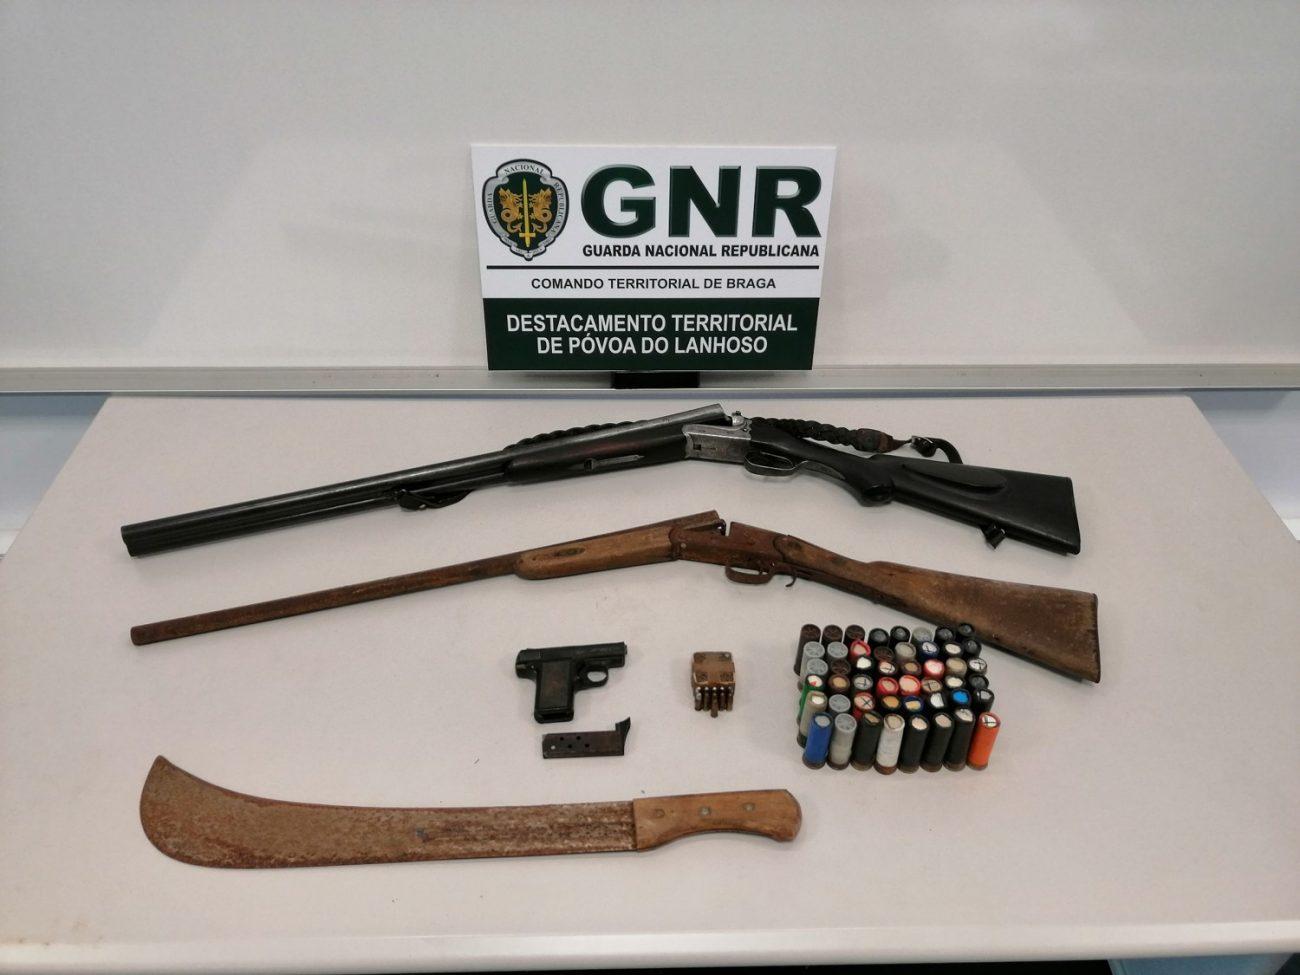 CRIME – GNR de Amares apreende armas e munições a suspeito de violência doméstica